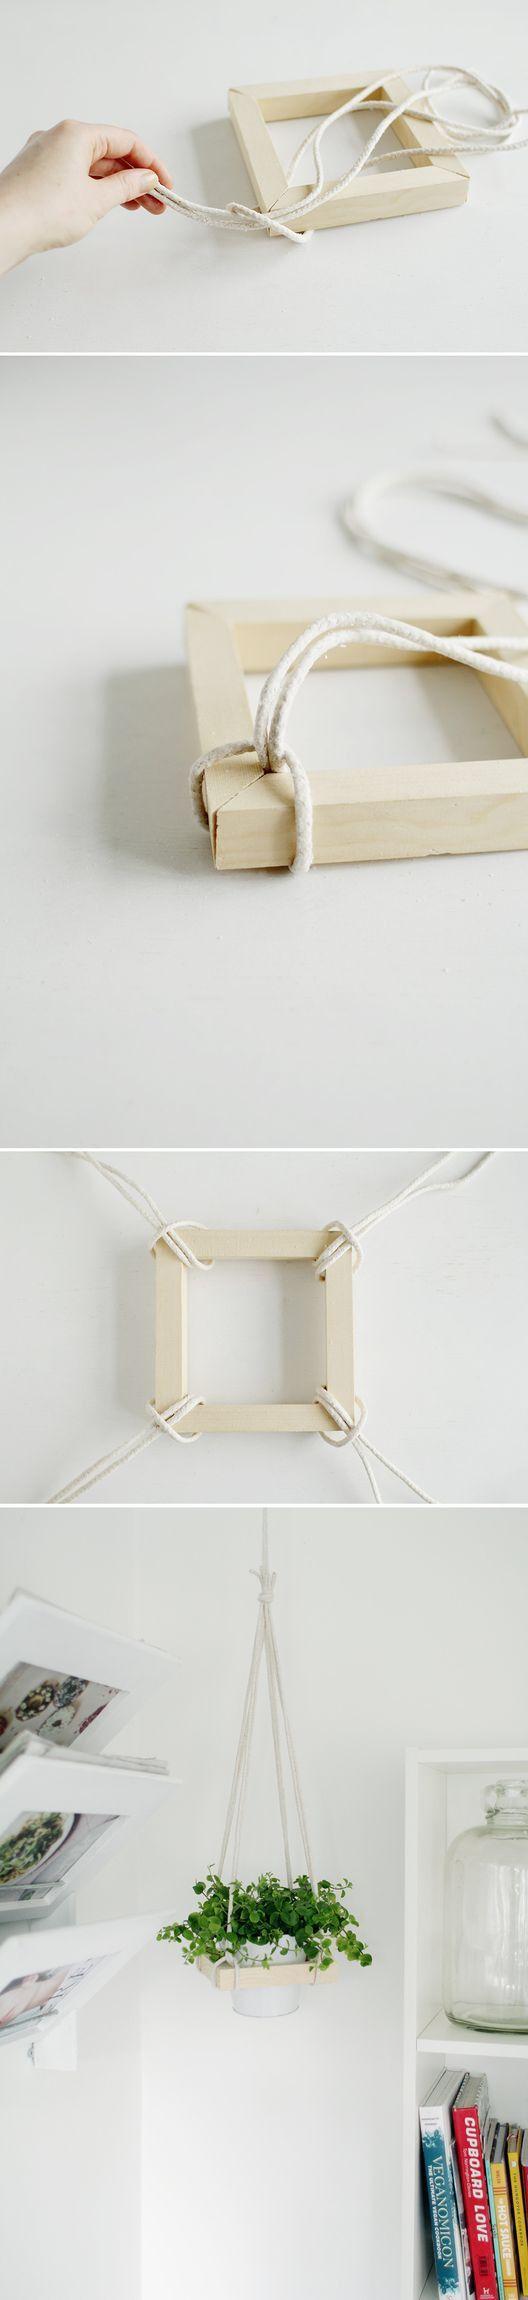 木制挂式花盆框架 - 简单的DIY